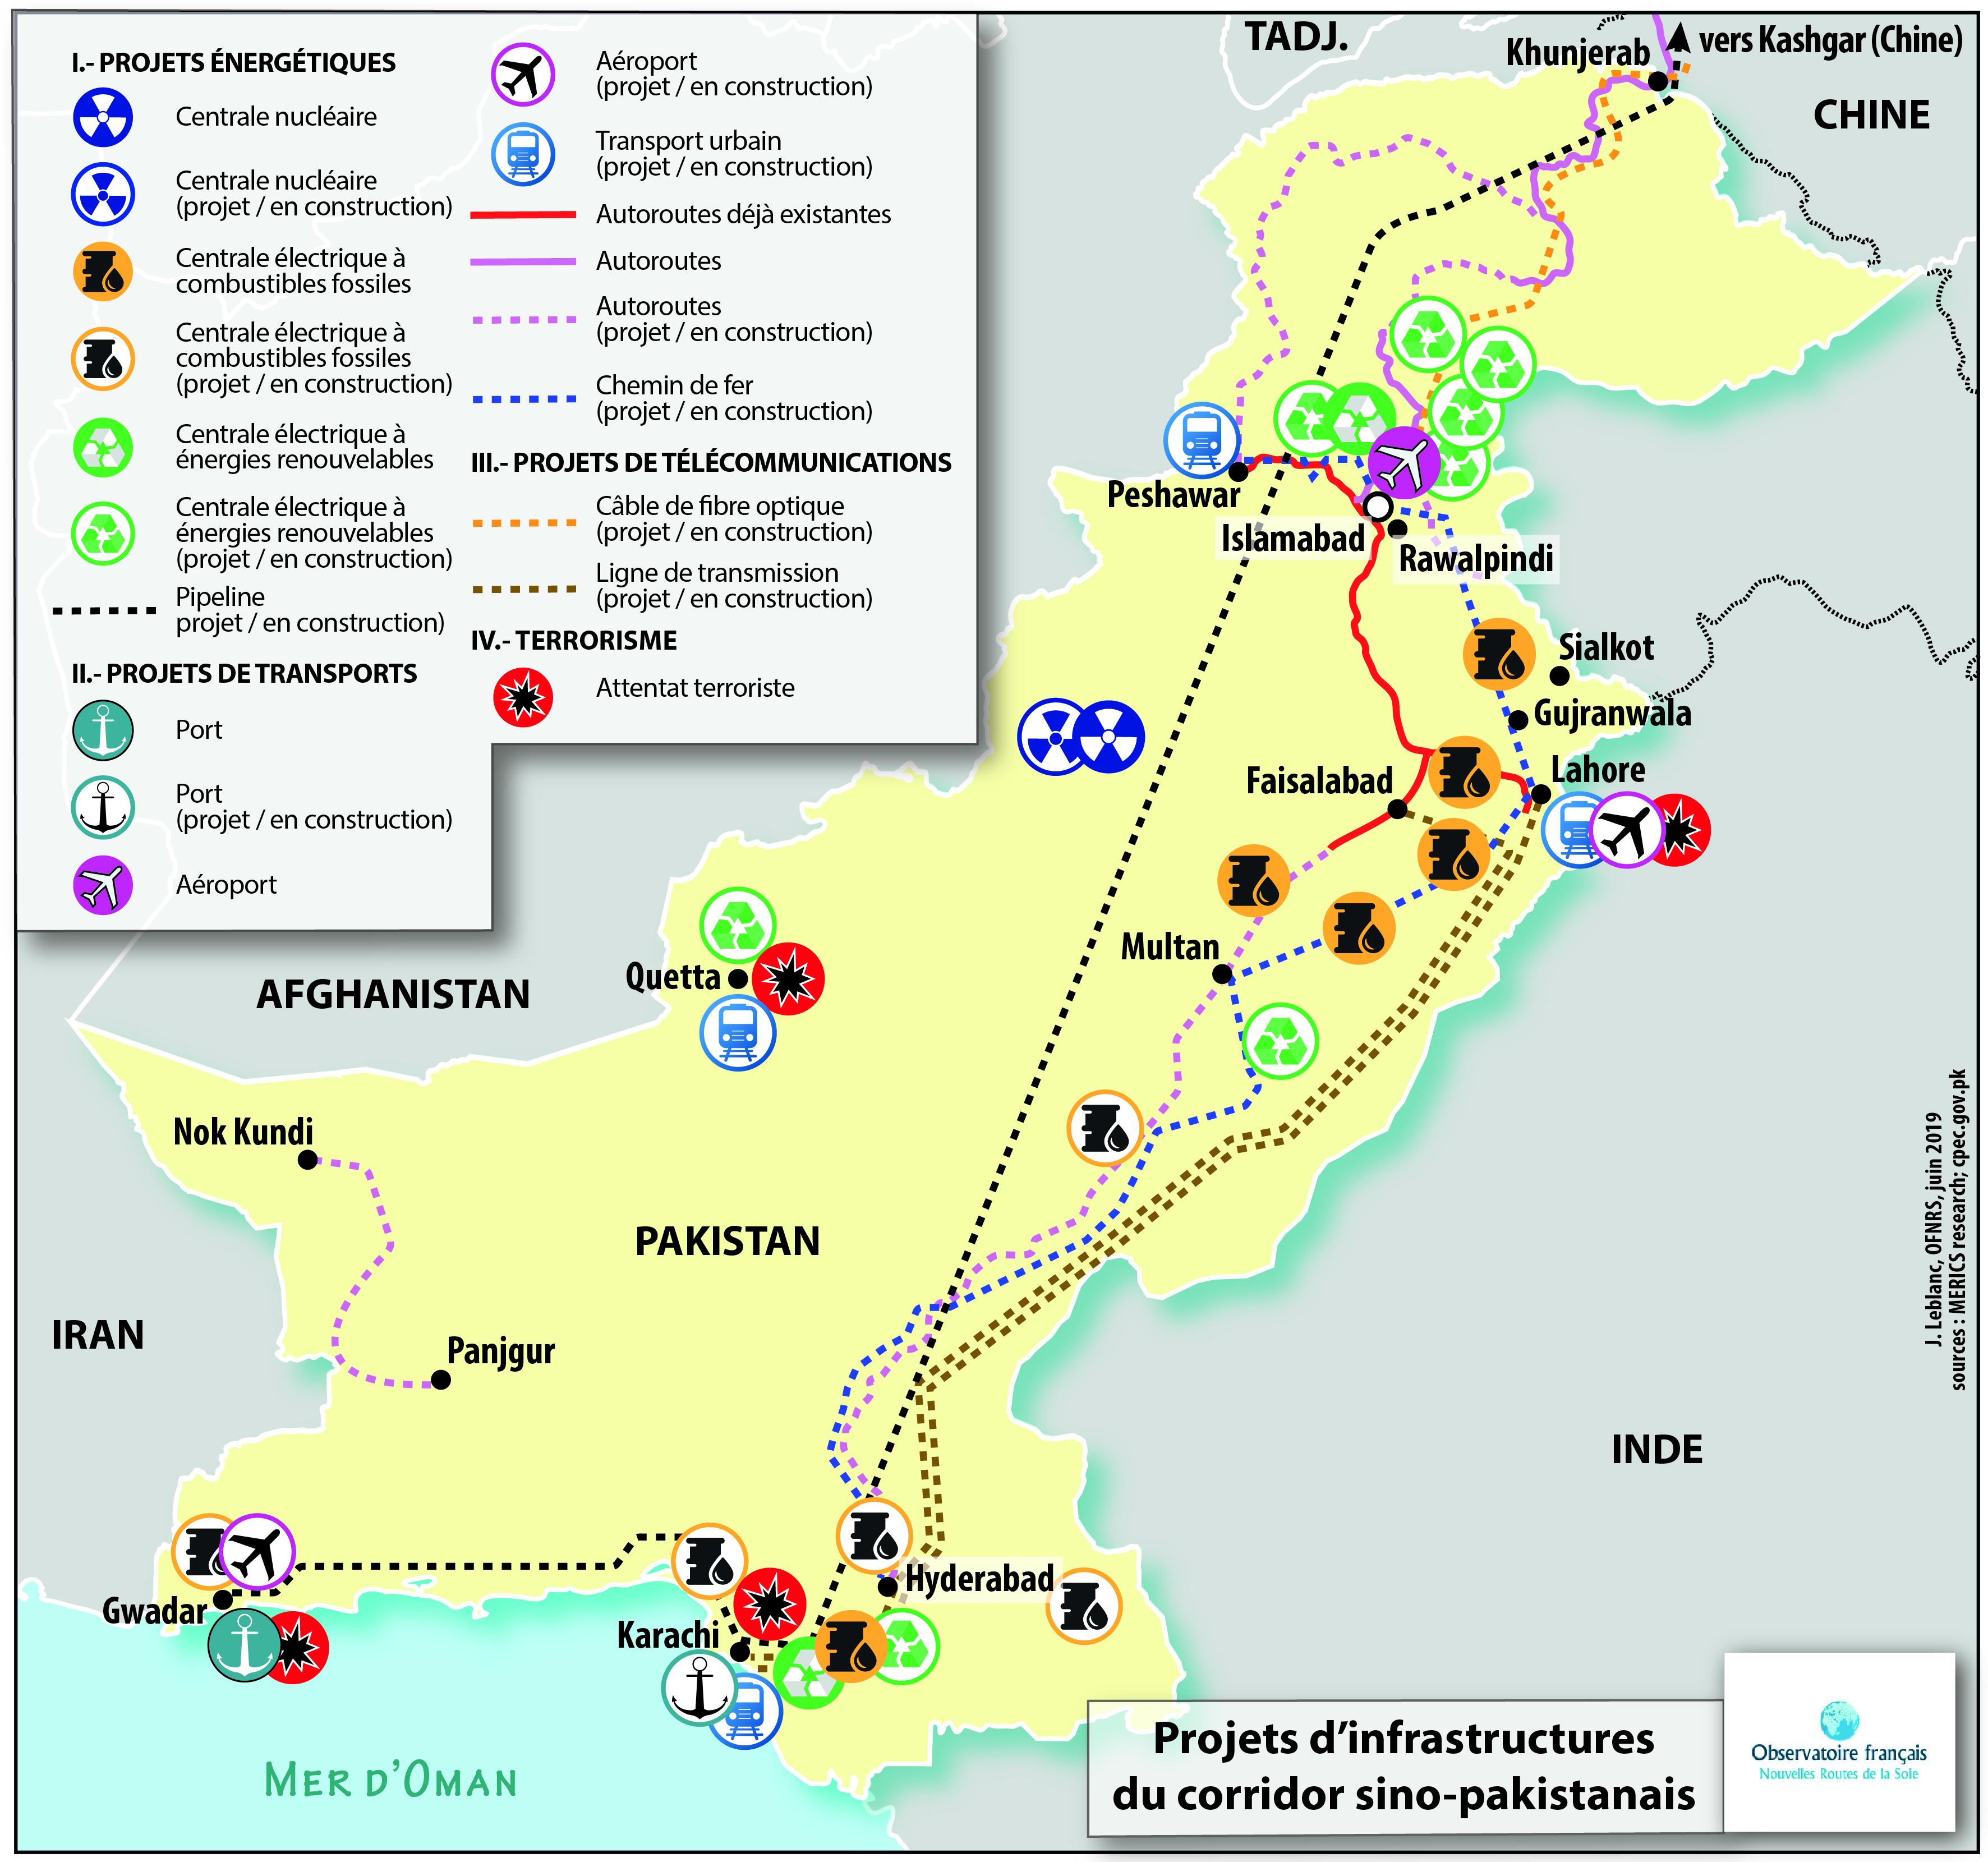 Le corridor sino-pakistanais face à l'enjeu sécuritaire